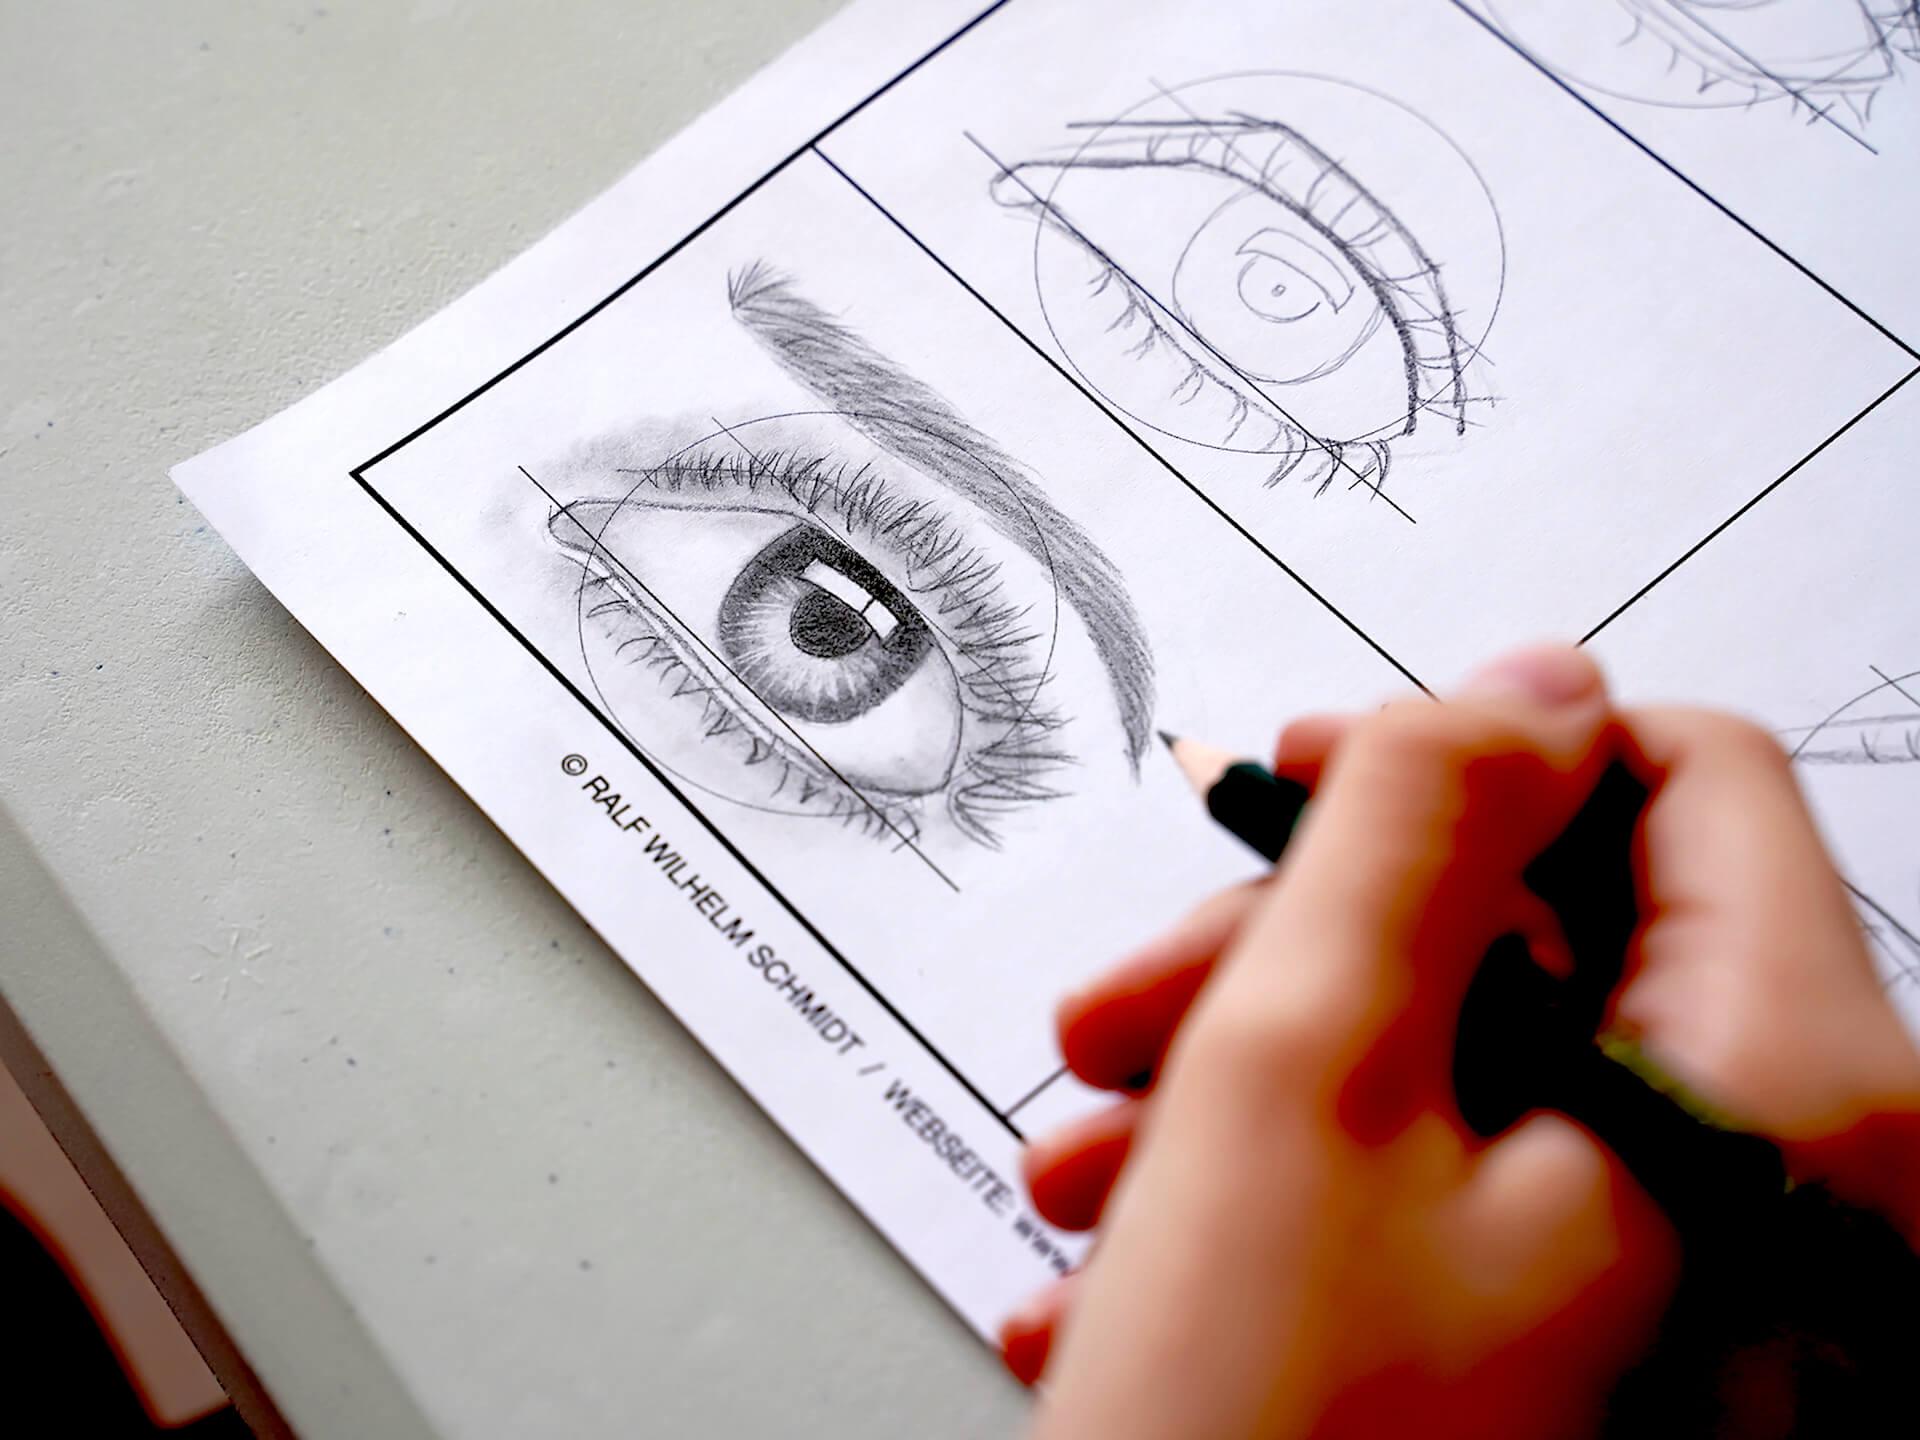 Auge Zeichnen Workshop ERGEBNISSE